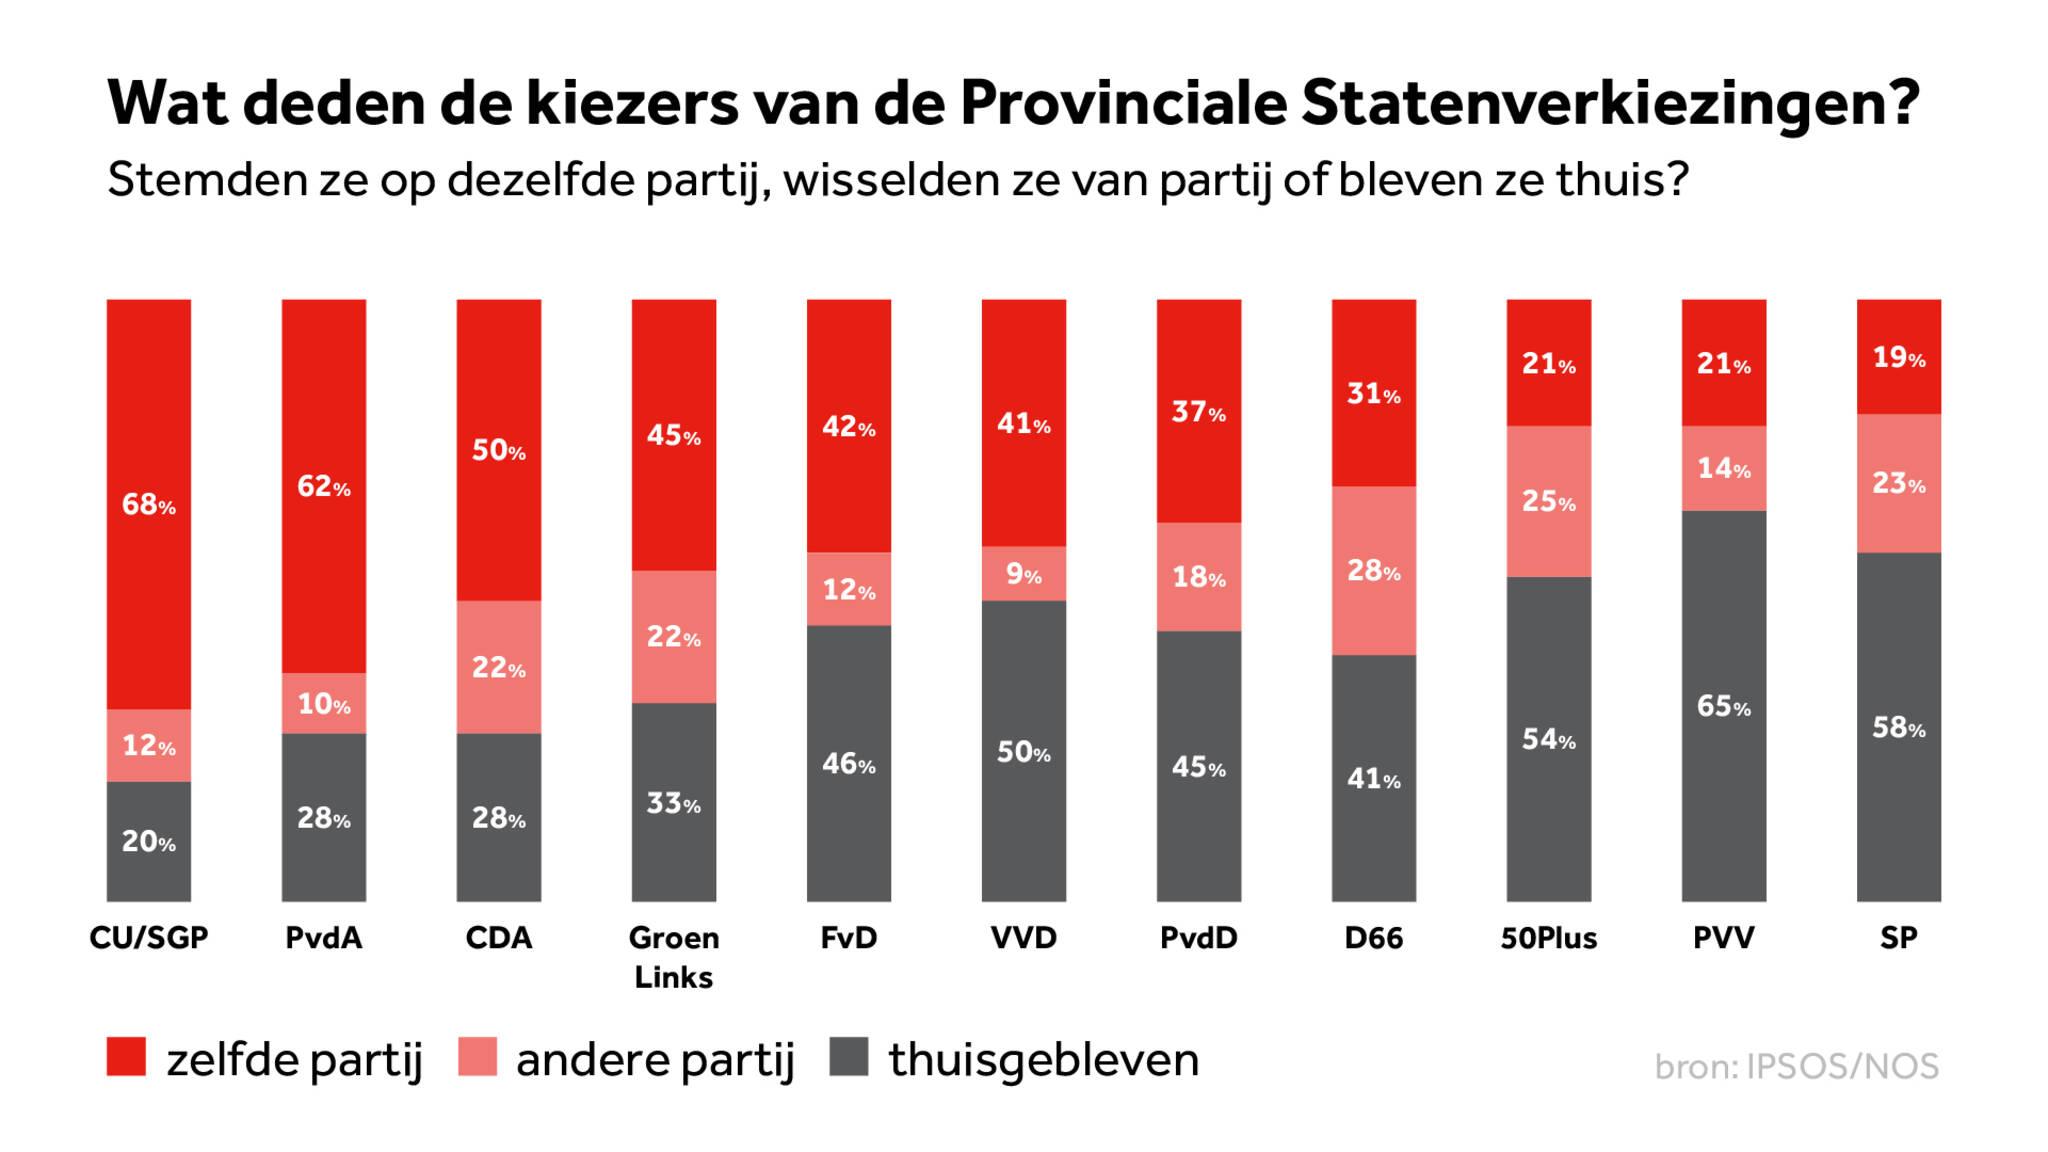 https://nos.nl/data/image/2019/05/24/552268/2048x1152.jpg